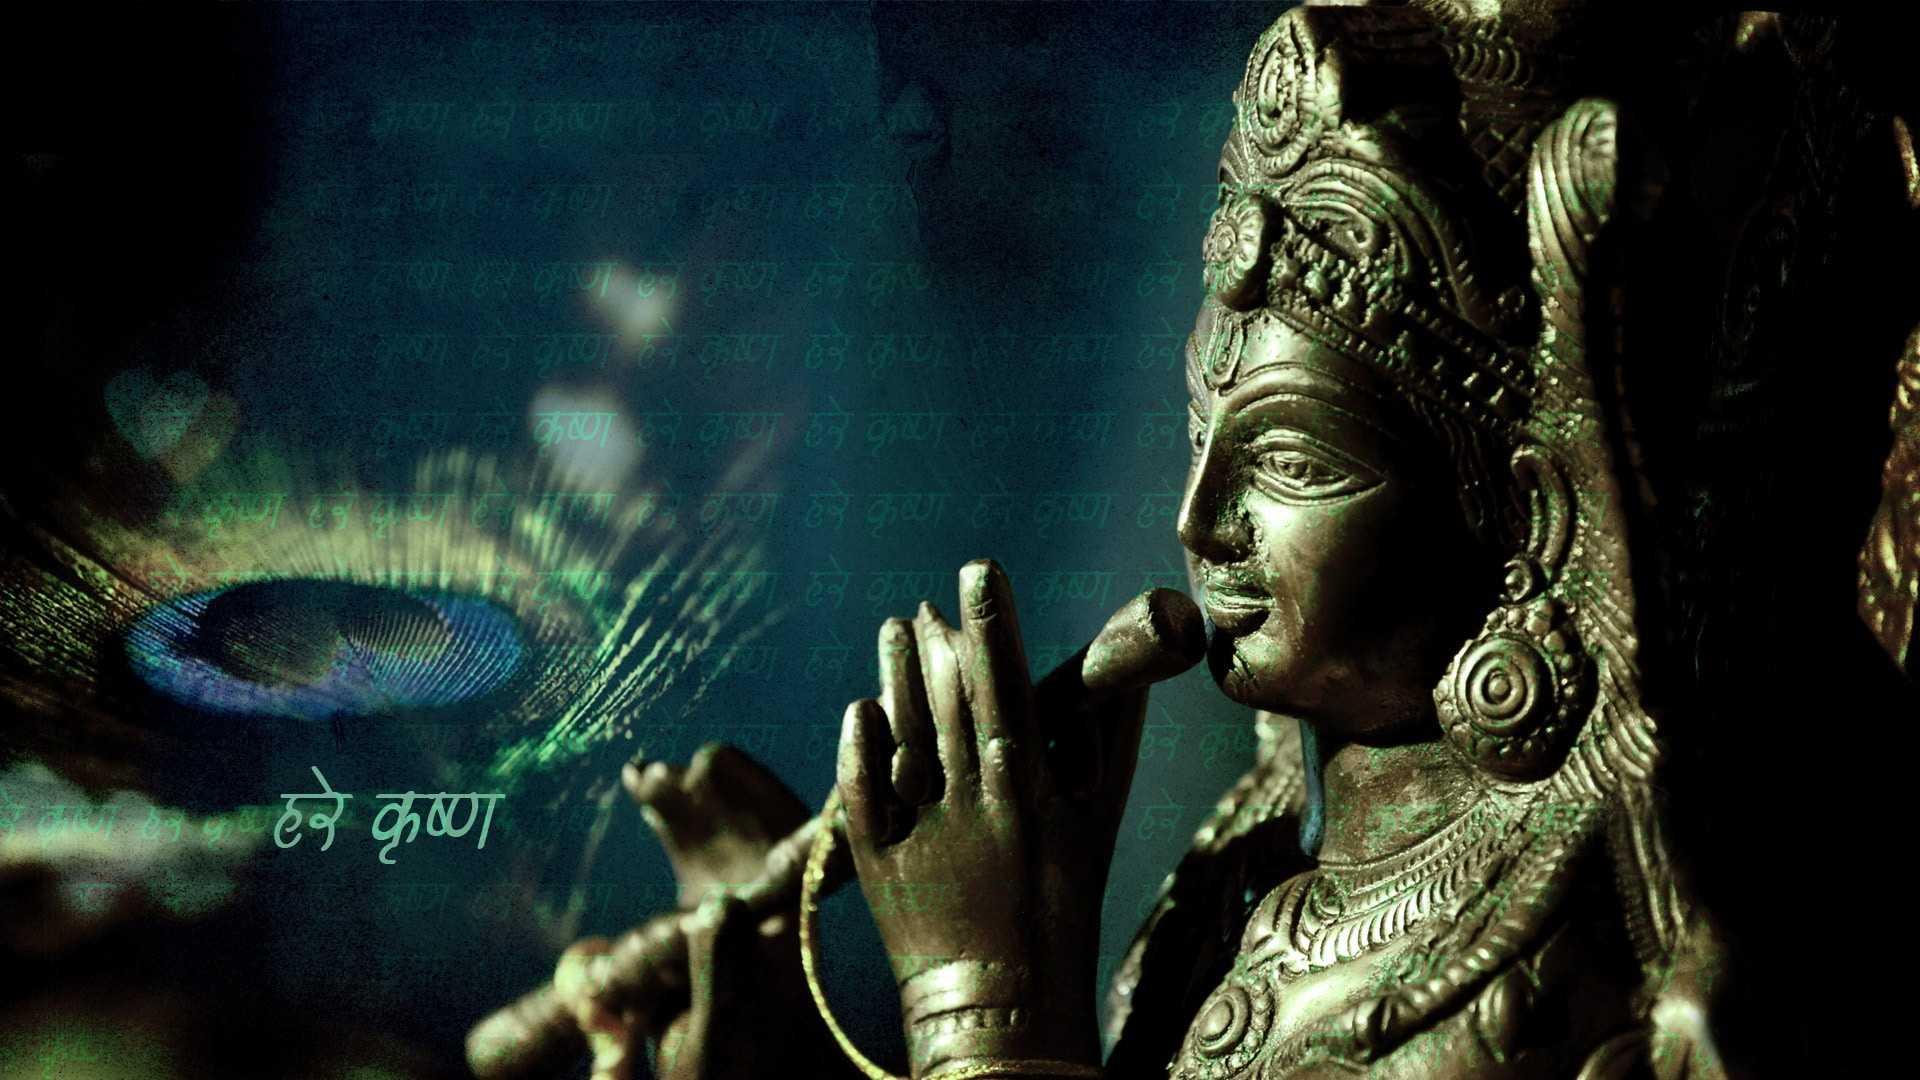 Hd wallpaper radha krishna - Lord Krishna Images 2017 Childhood Hd 1080p Free Download